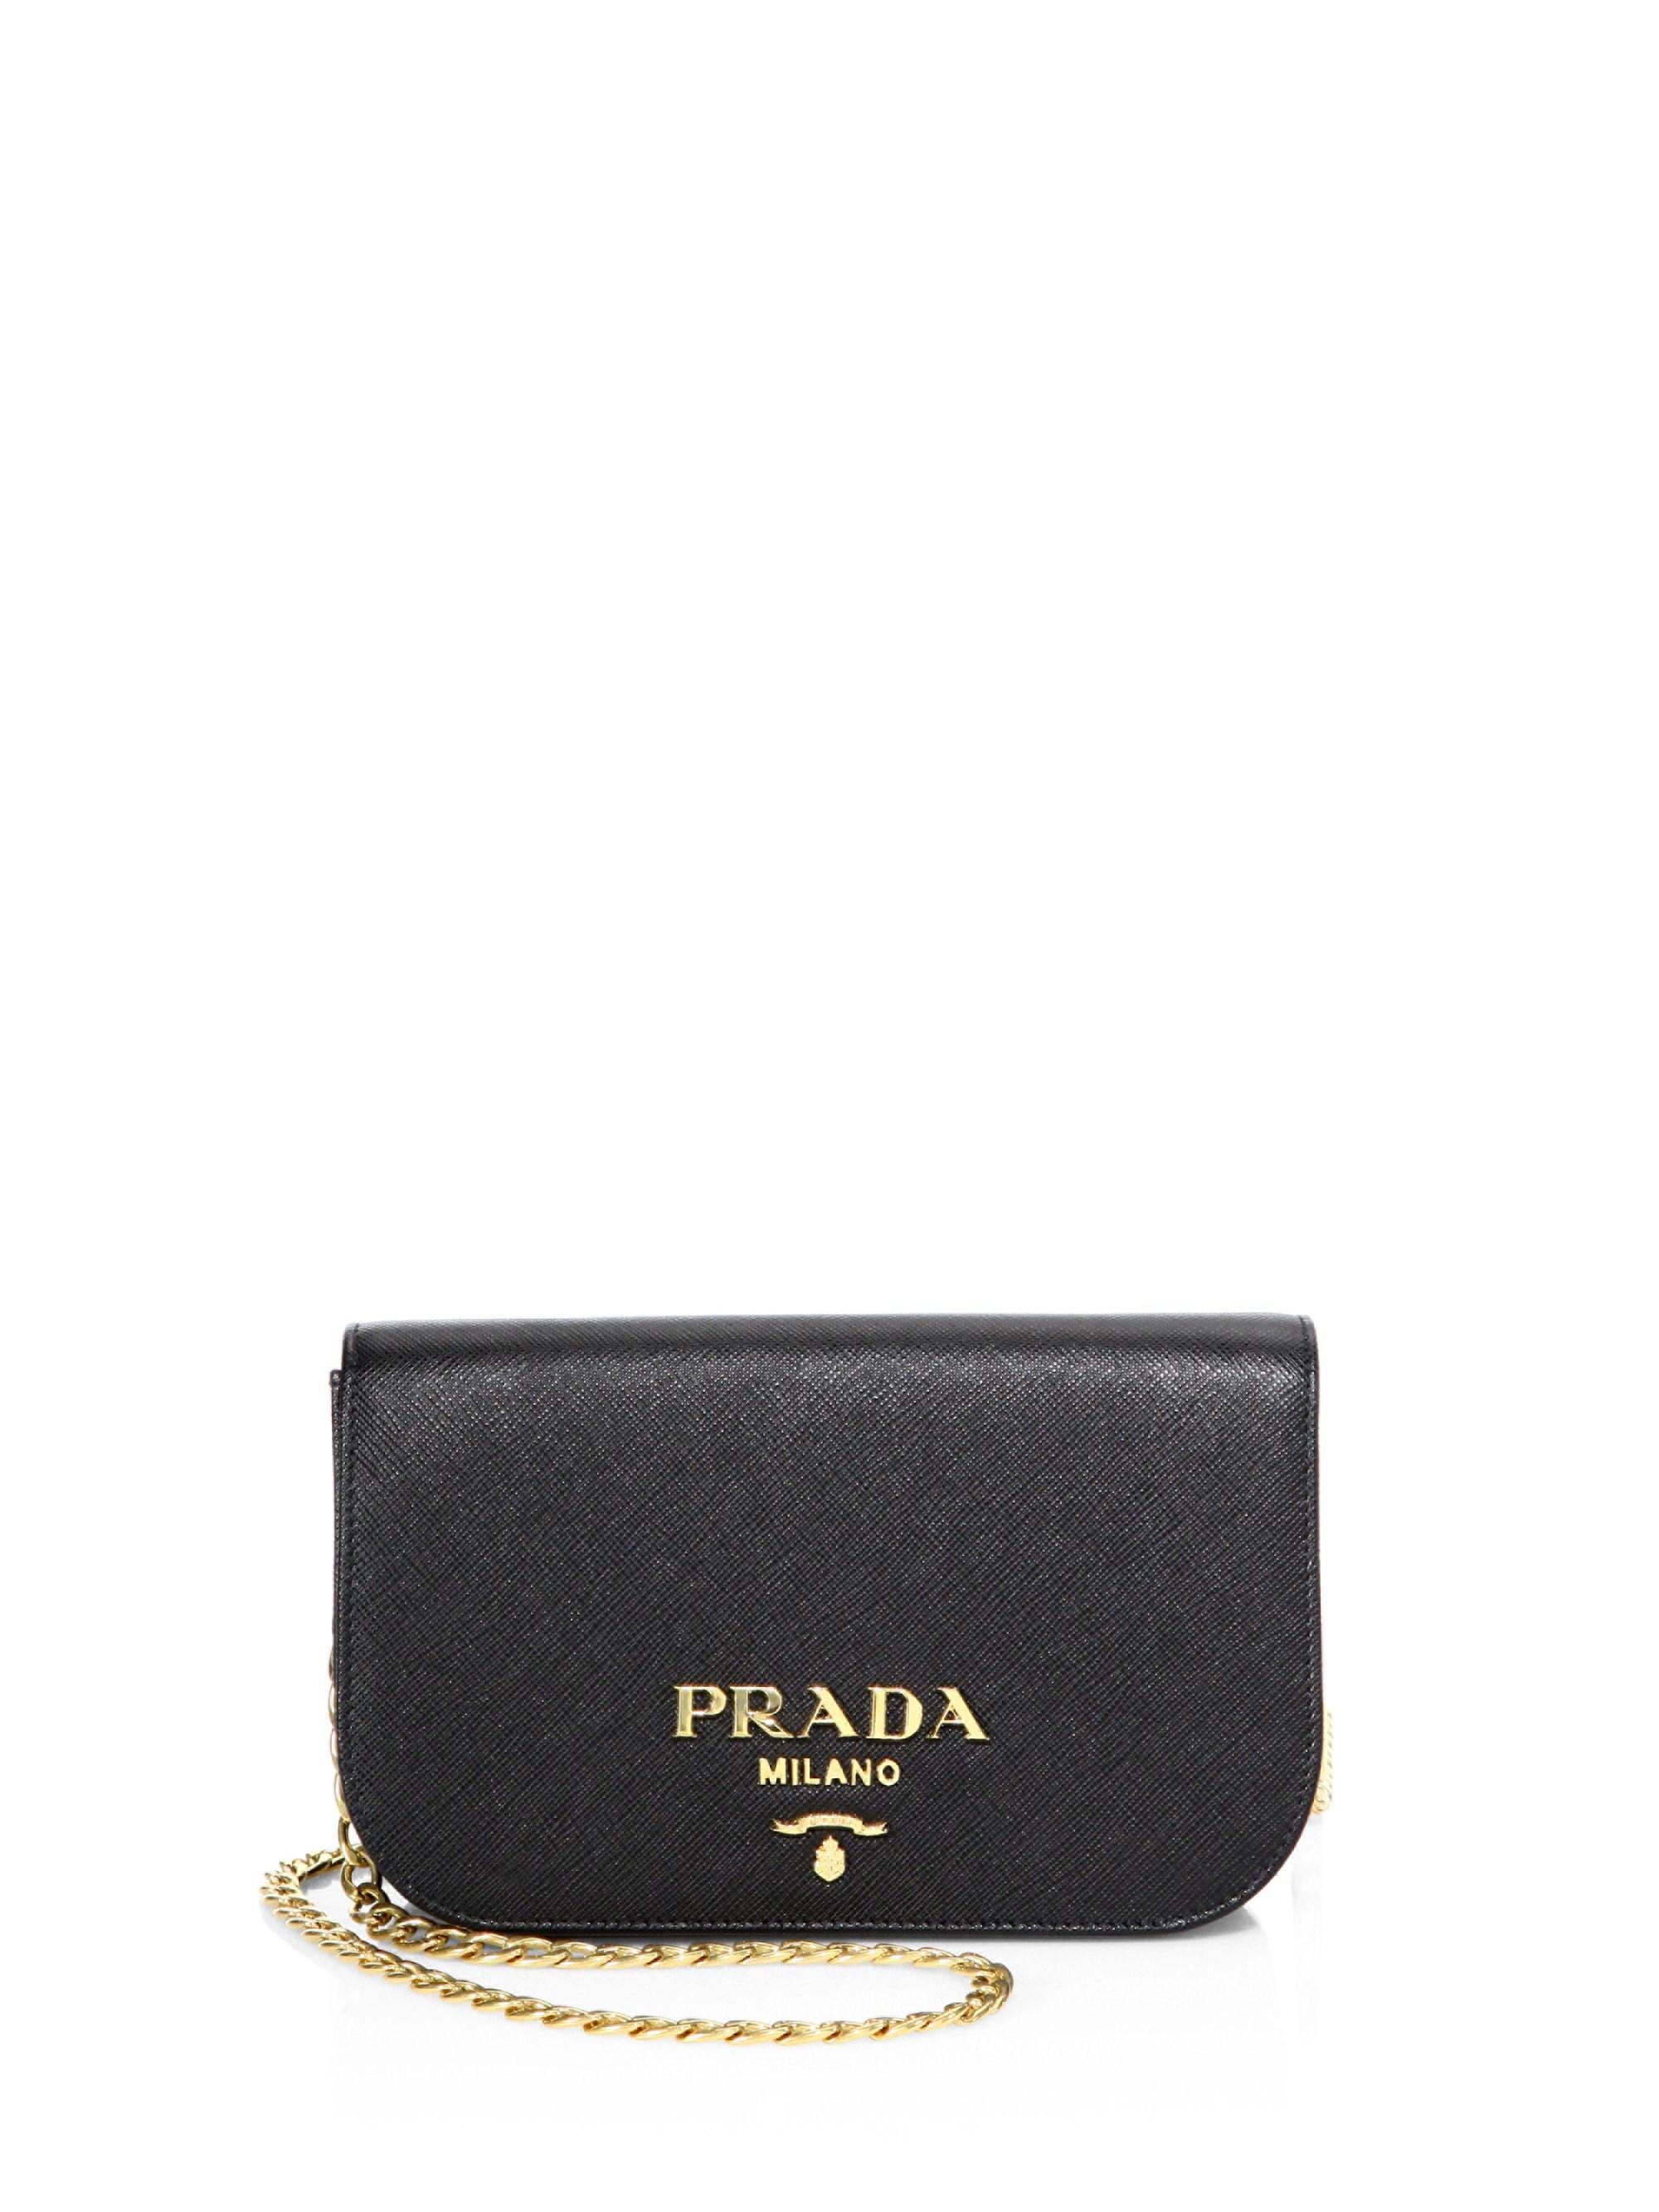 758ced88cf9121 Prada - Black Bandoliera Leather Chain Clutch - Lyst. View fullscreen